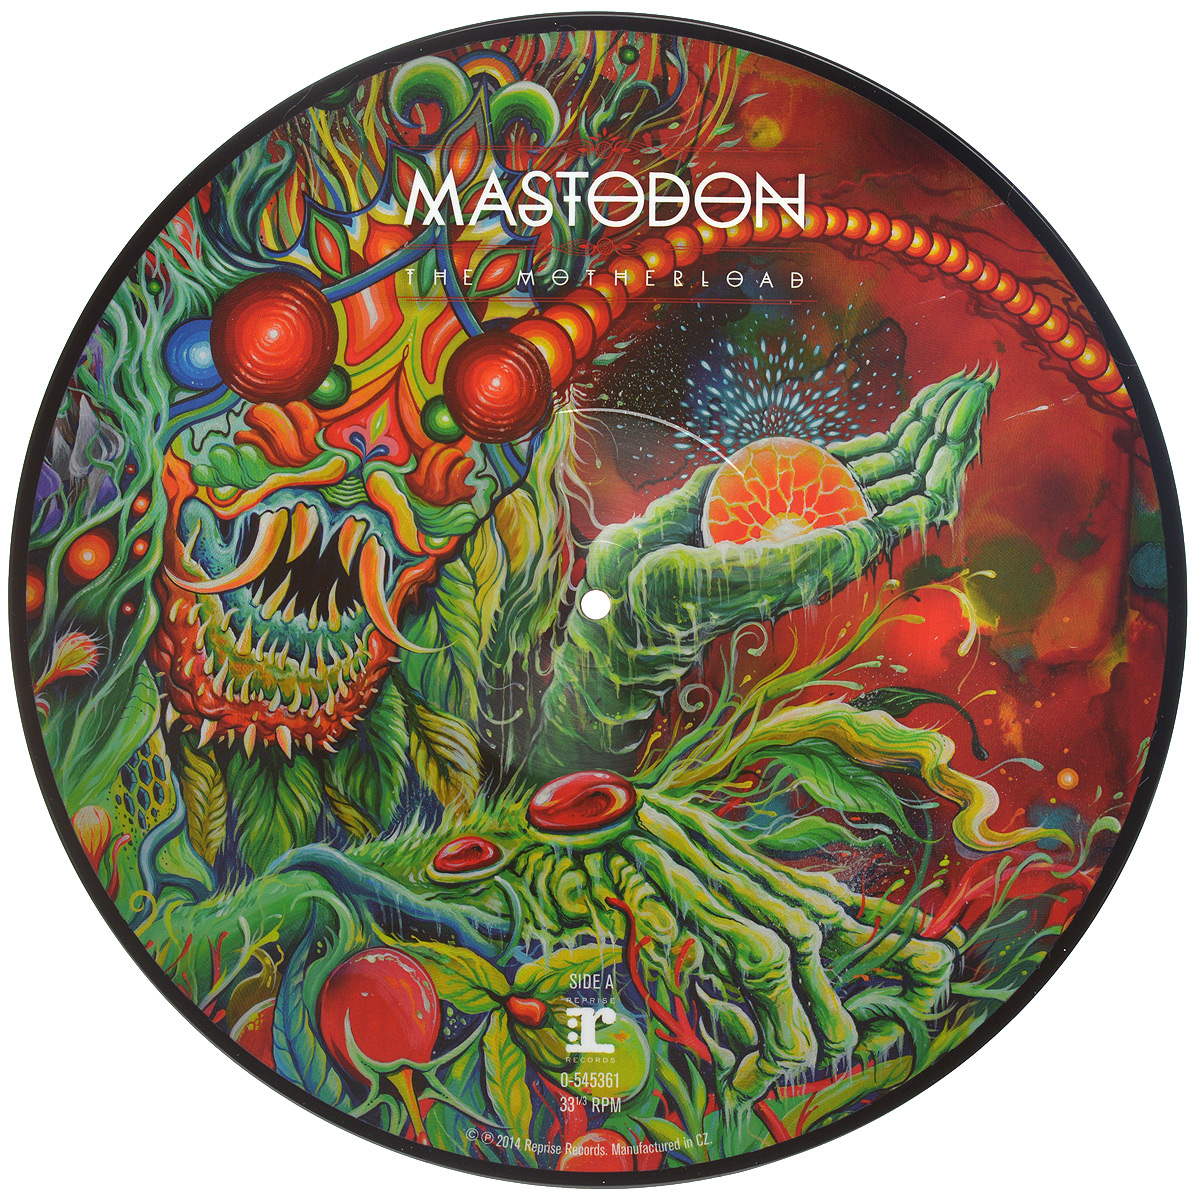 Mastodon Mastodon. The Motherload (LP) виниловая пластинка mastodon the motherload 1 сингл 12